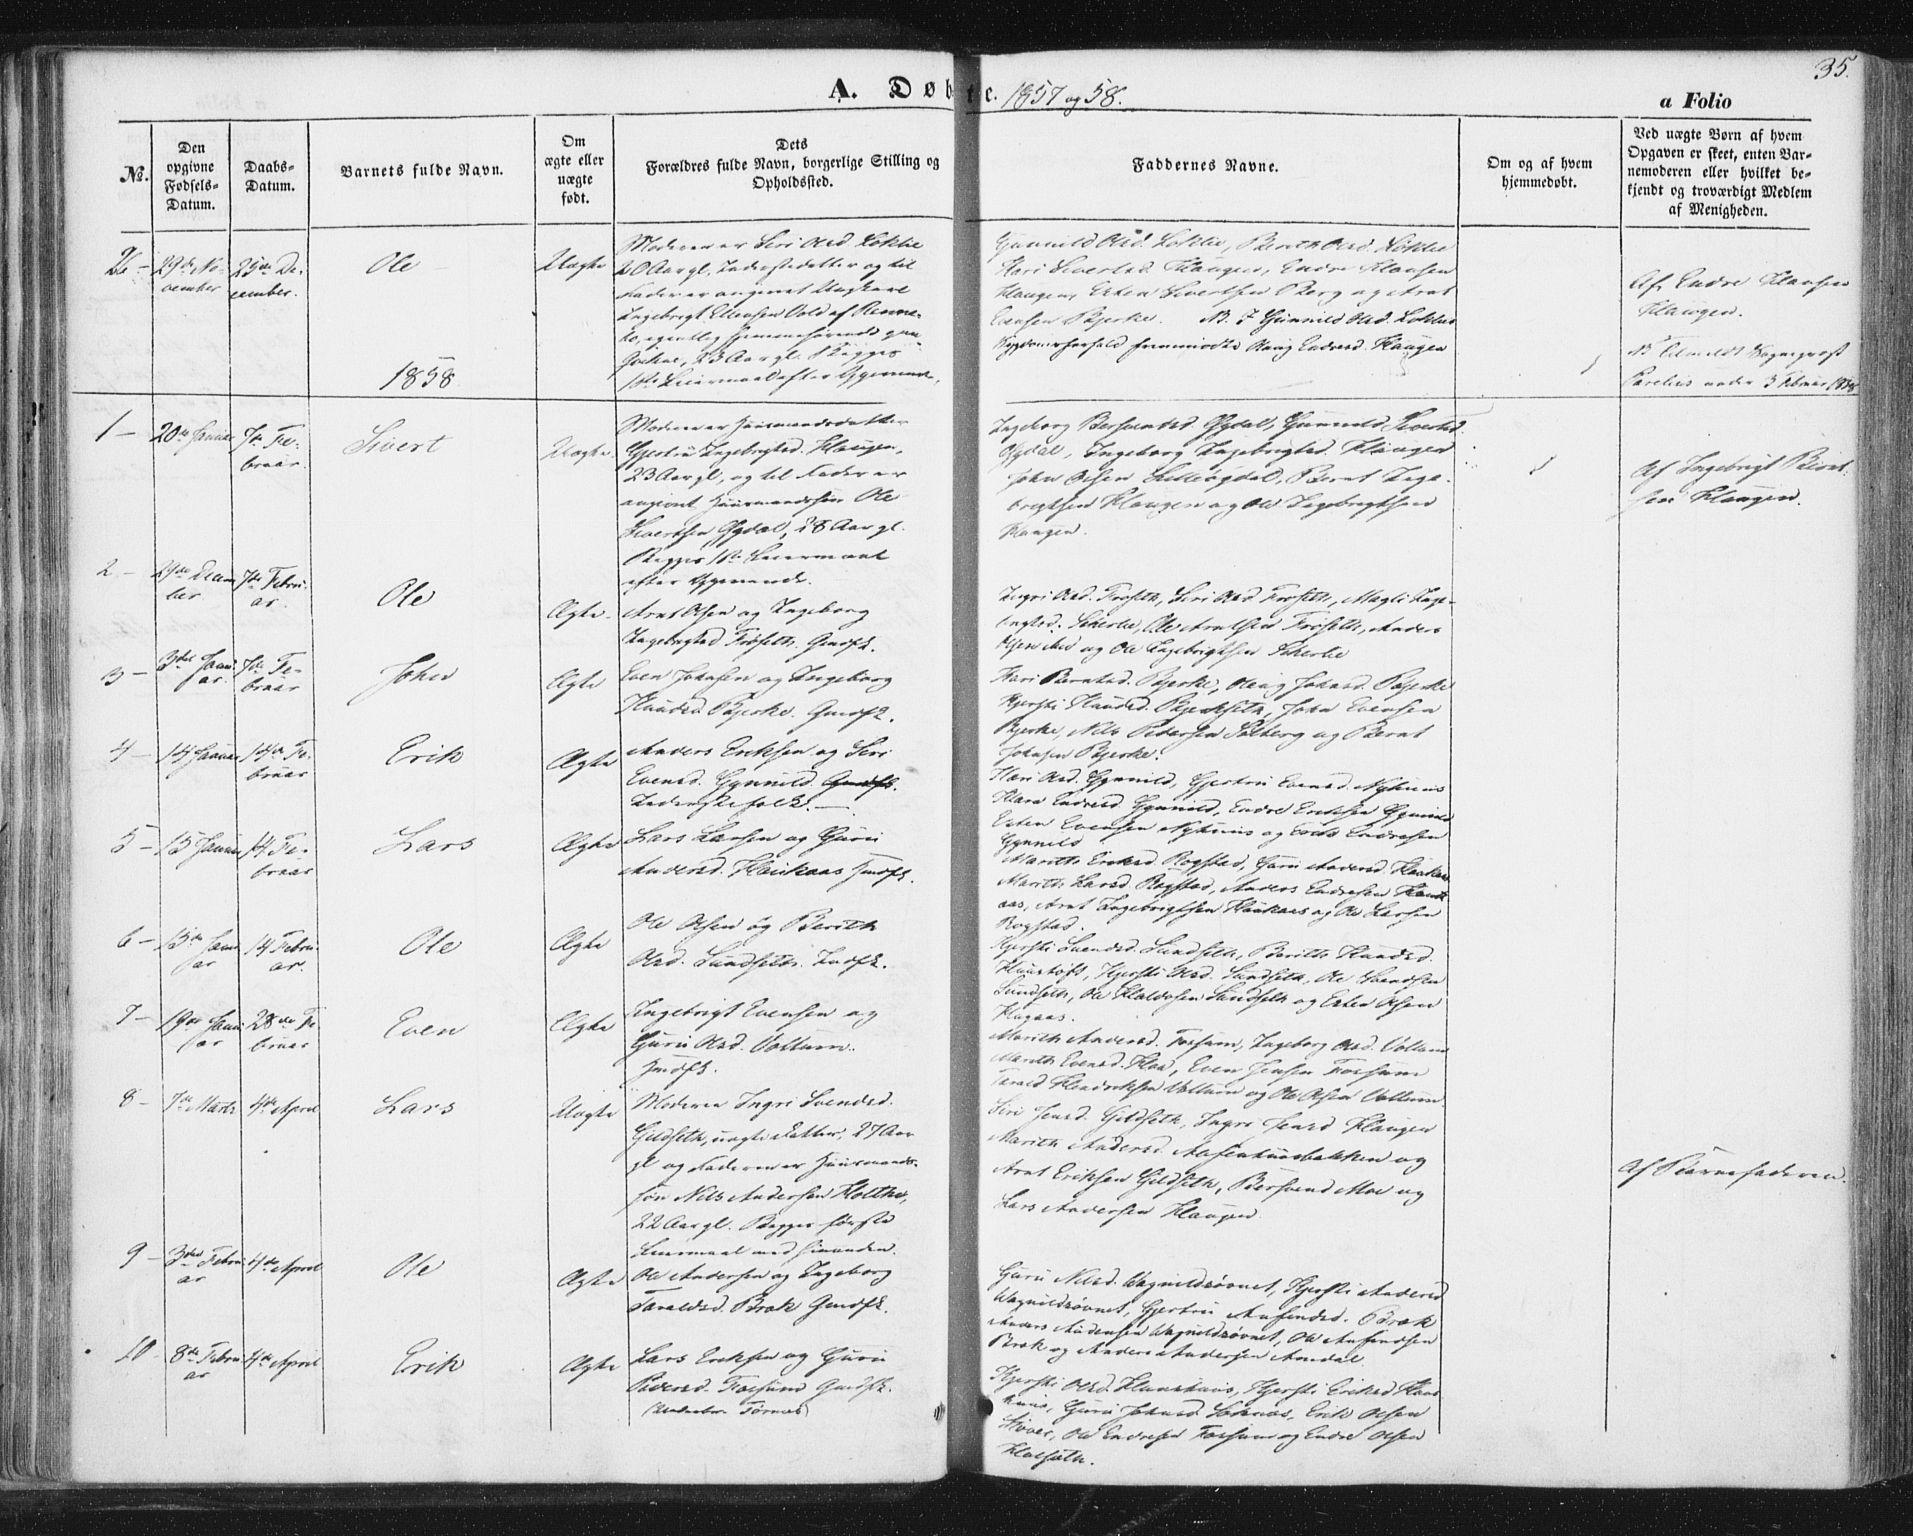 SAT, Ministerialprotokoller, klokkerbøker og fødselsregistre - Sør-Trøndelag, 689/L1038: Ministerialbok nr. 689A03, 1848-1872, s. 35